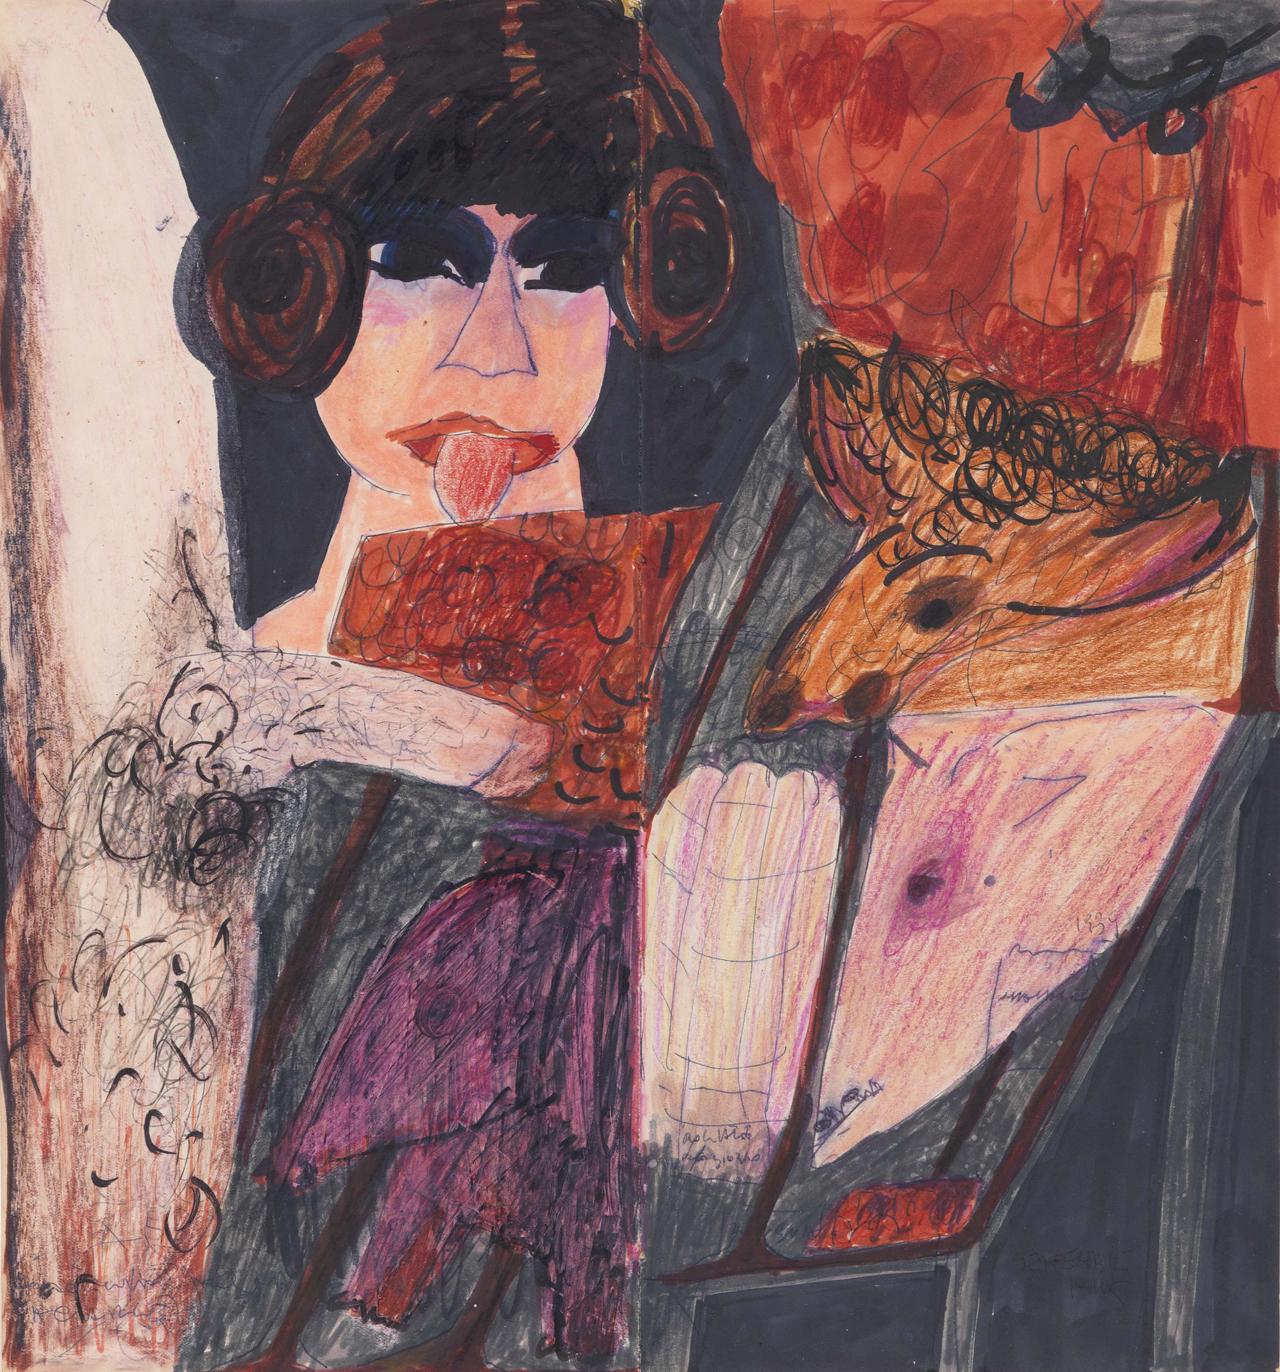 Carol Rama, Ohne Titel, 1959, Mischtechnik auf Papier, 34 x 32 cm